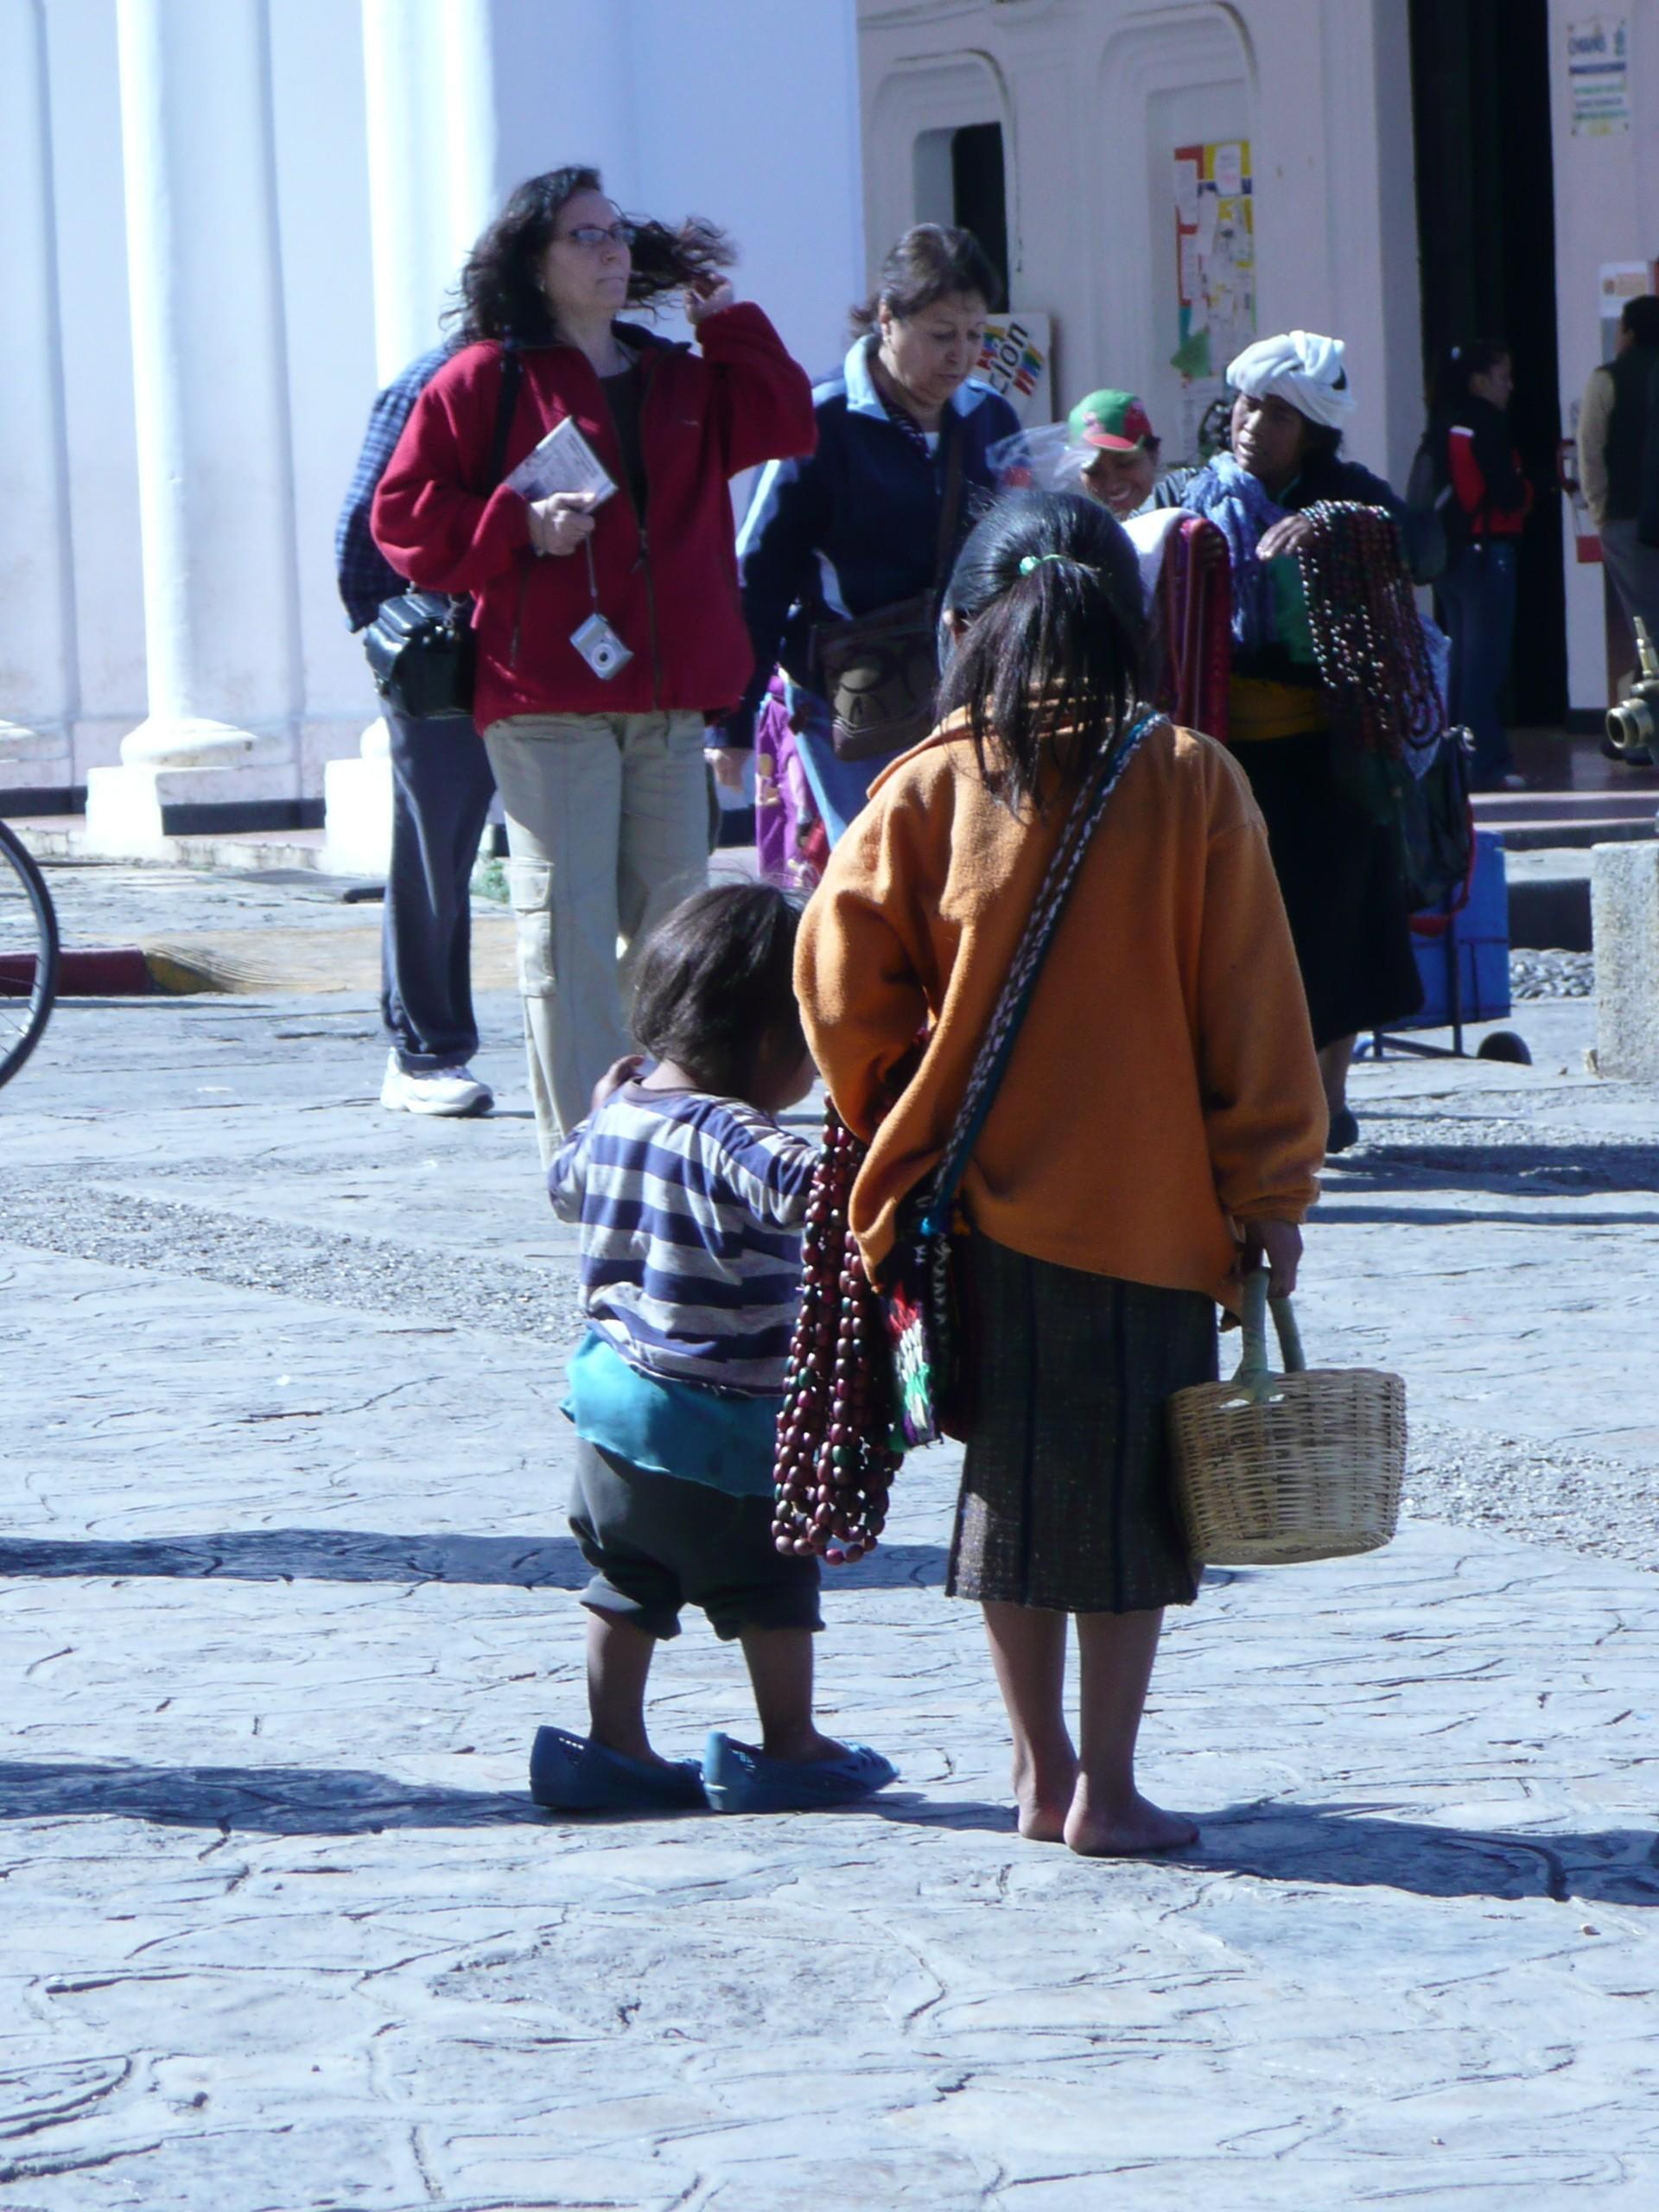 De indiaans kinderen hebben ook geen makkelijke jeugd. Deze twee moesten met elkaar vermaken terwijl hun moeder zelfgemaakte kettingen aan de touristen probeerde te verkopen.